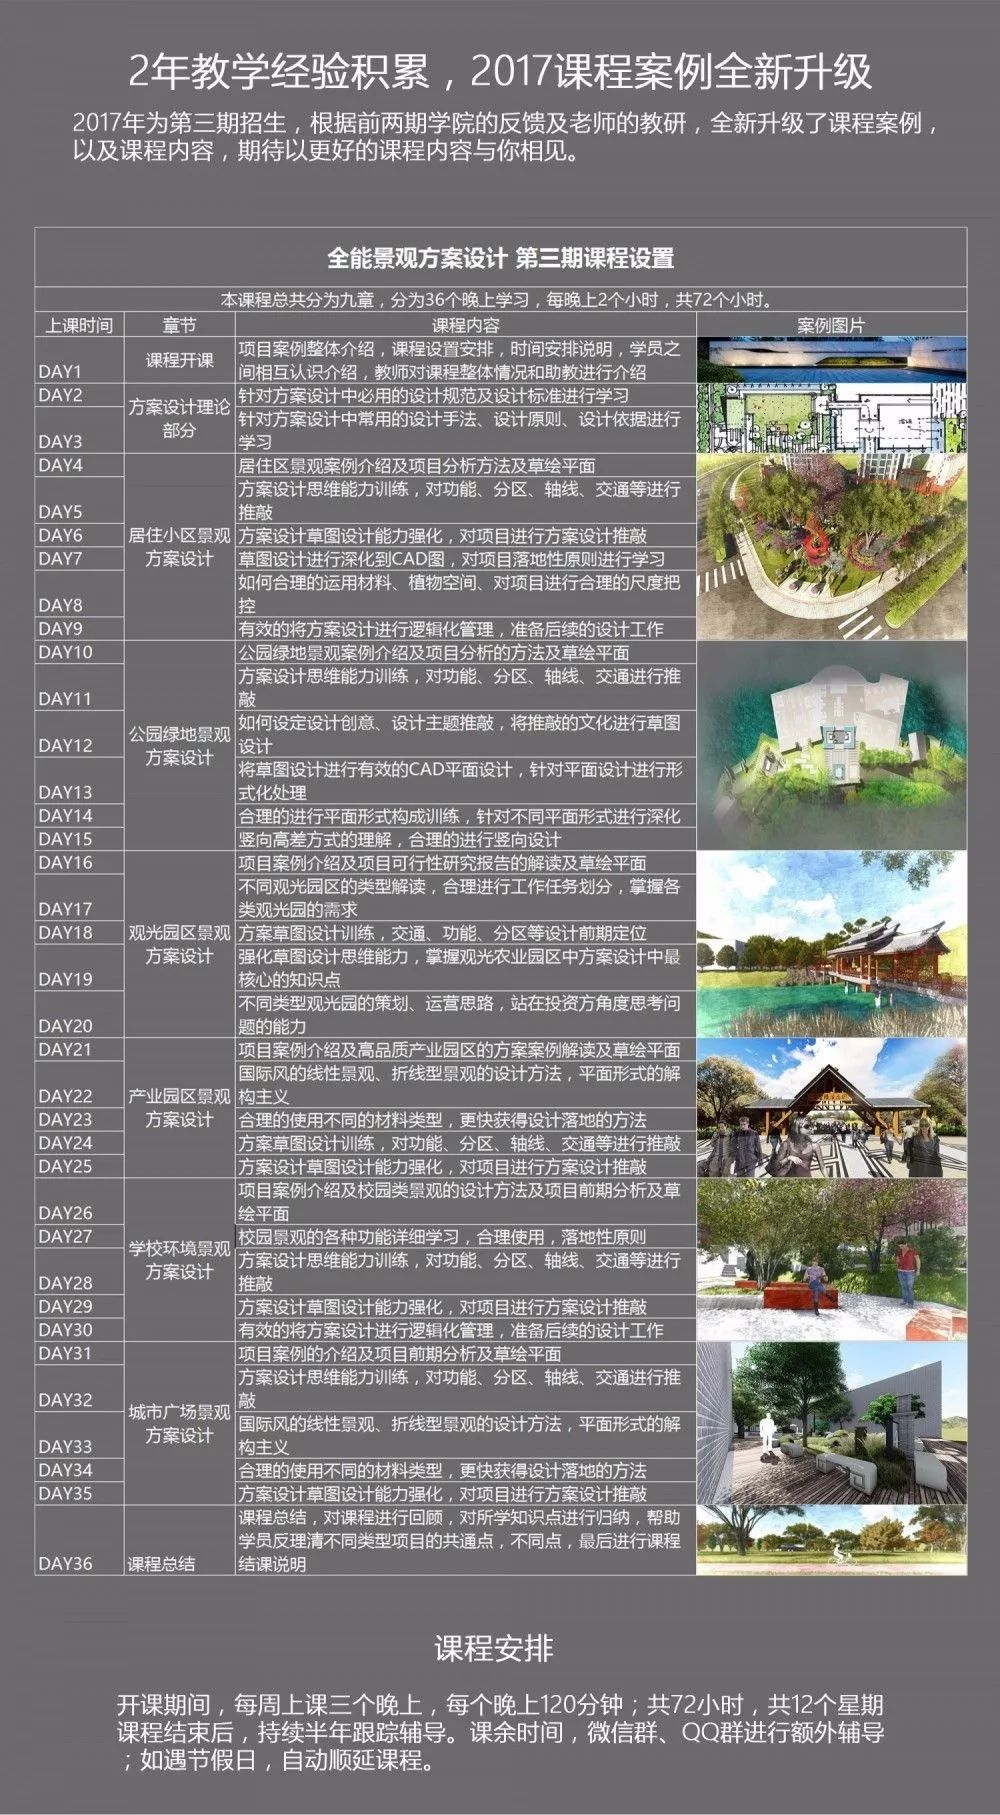 """25家保险公司投保的车辆,""""国庆""""期间适用小额财损事故快处快赔"""